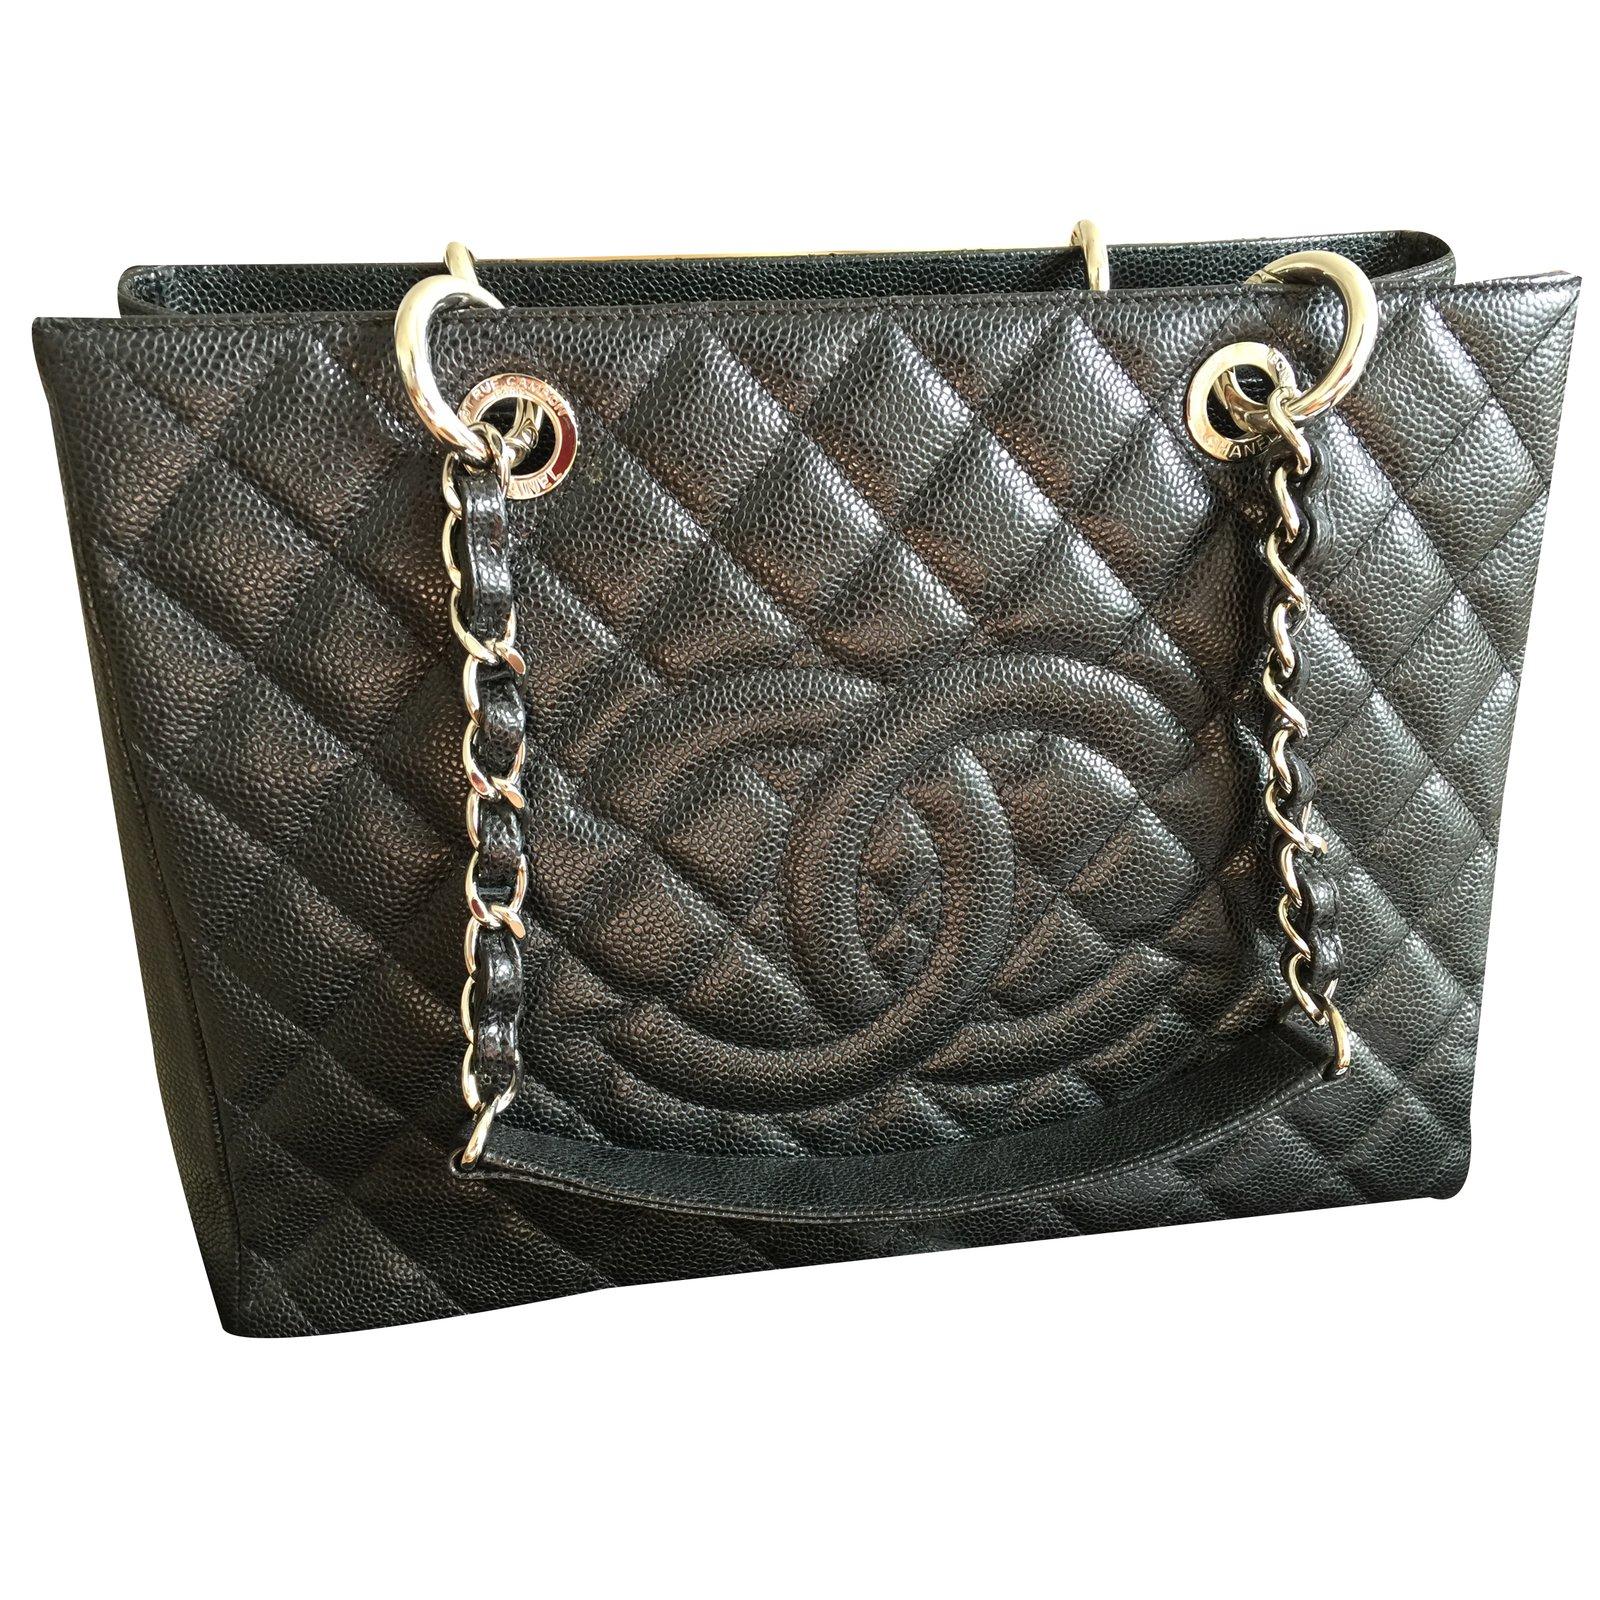 a593a5f977e4 Sacs à main Chanel GST (grand shopping tote) Cuir Noir ref.36023 ...